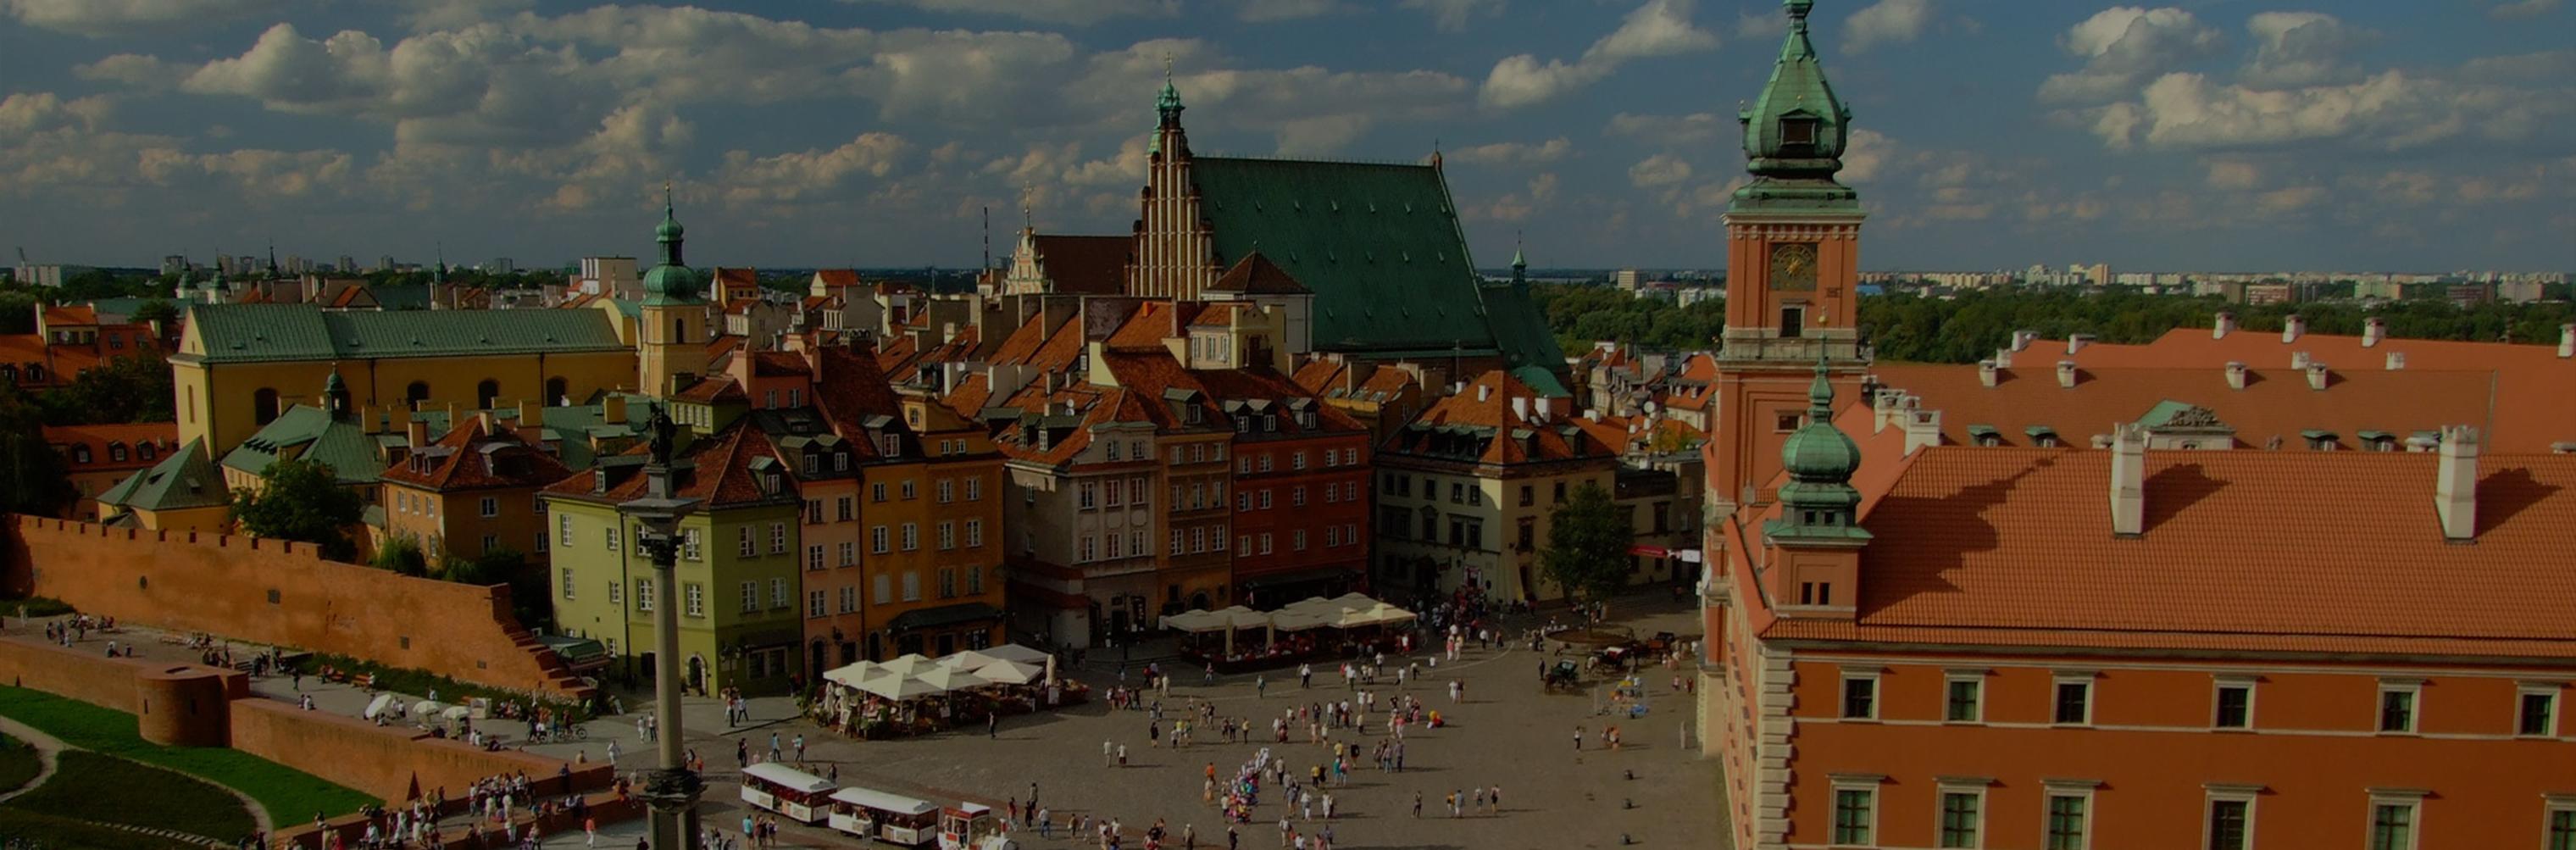 Поможем уехать в Польшу сейчас